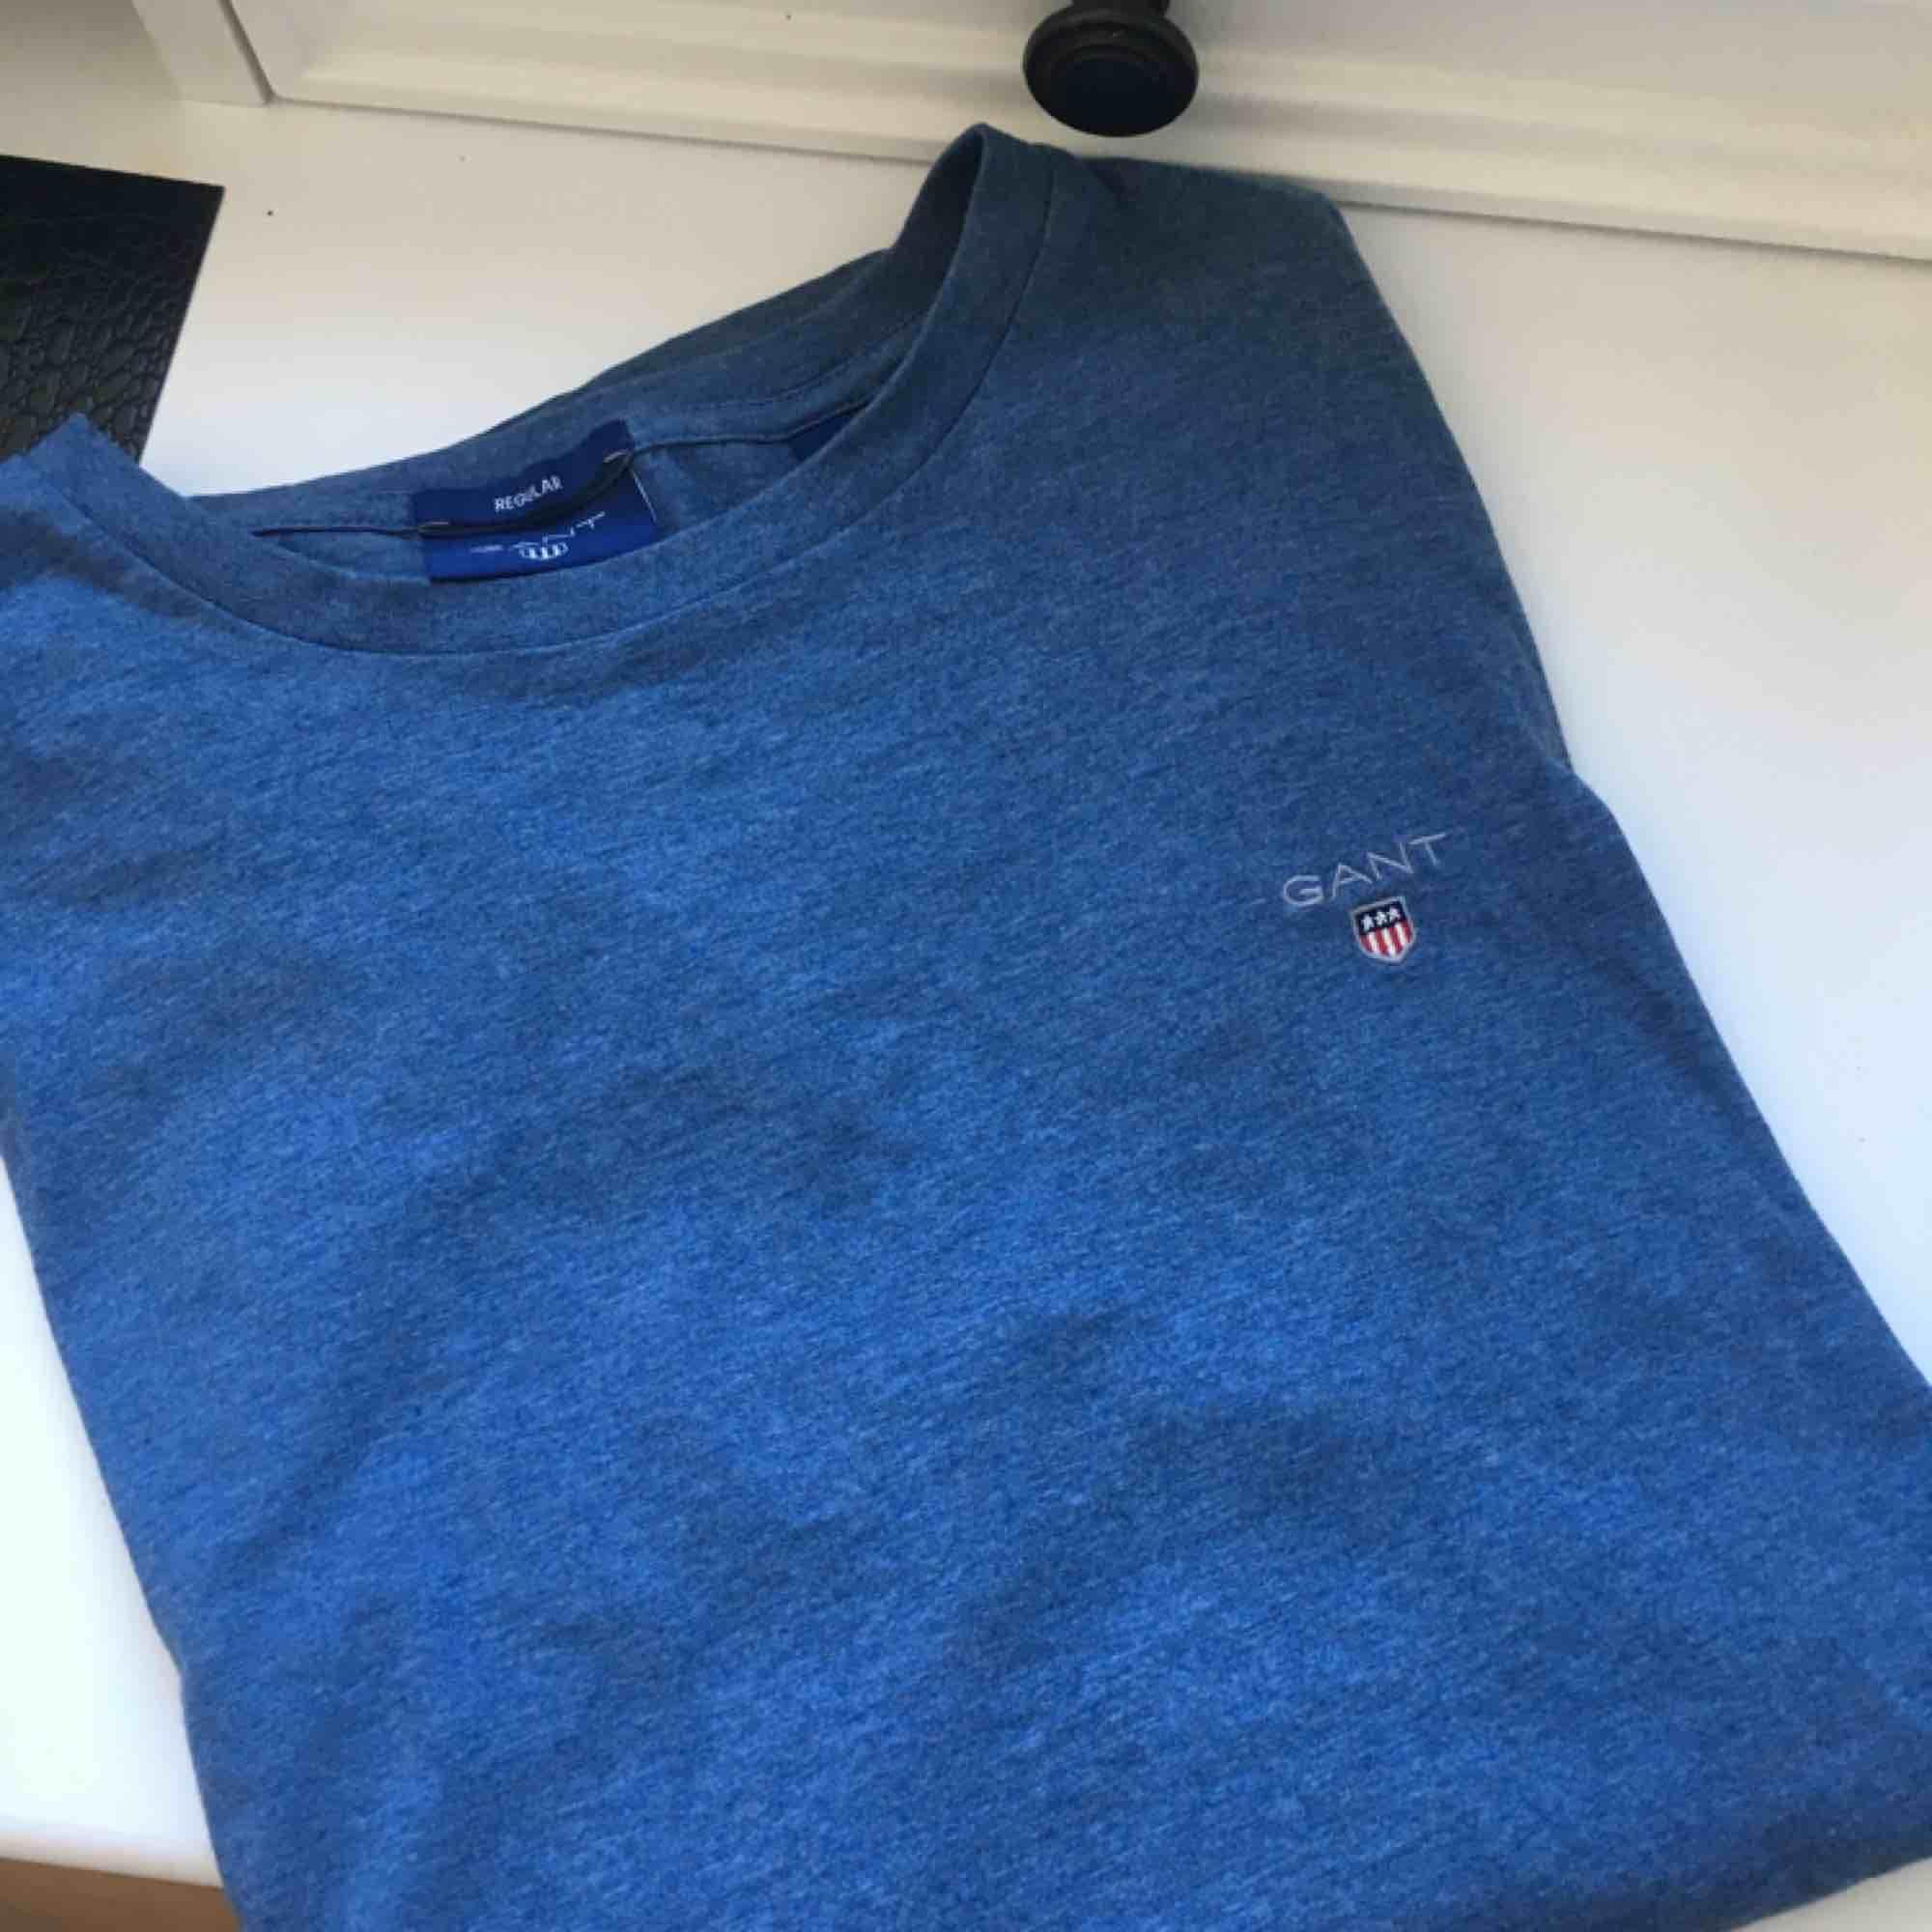 Säljer min tröja från Gant för att den aldrig kommer till användning och är dessutom för stor på mig. Köpte helt ny för 400kr och har aldrig använt den. Köparen står för frakt. . Tröjor & Koftor.